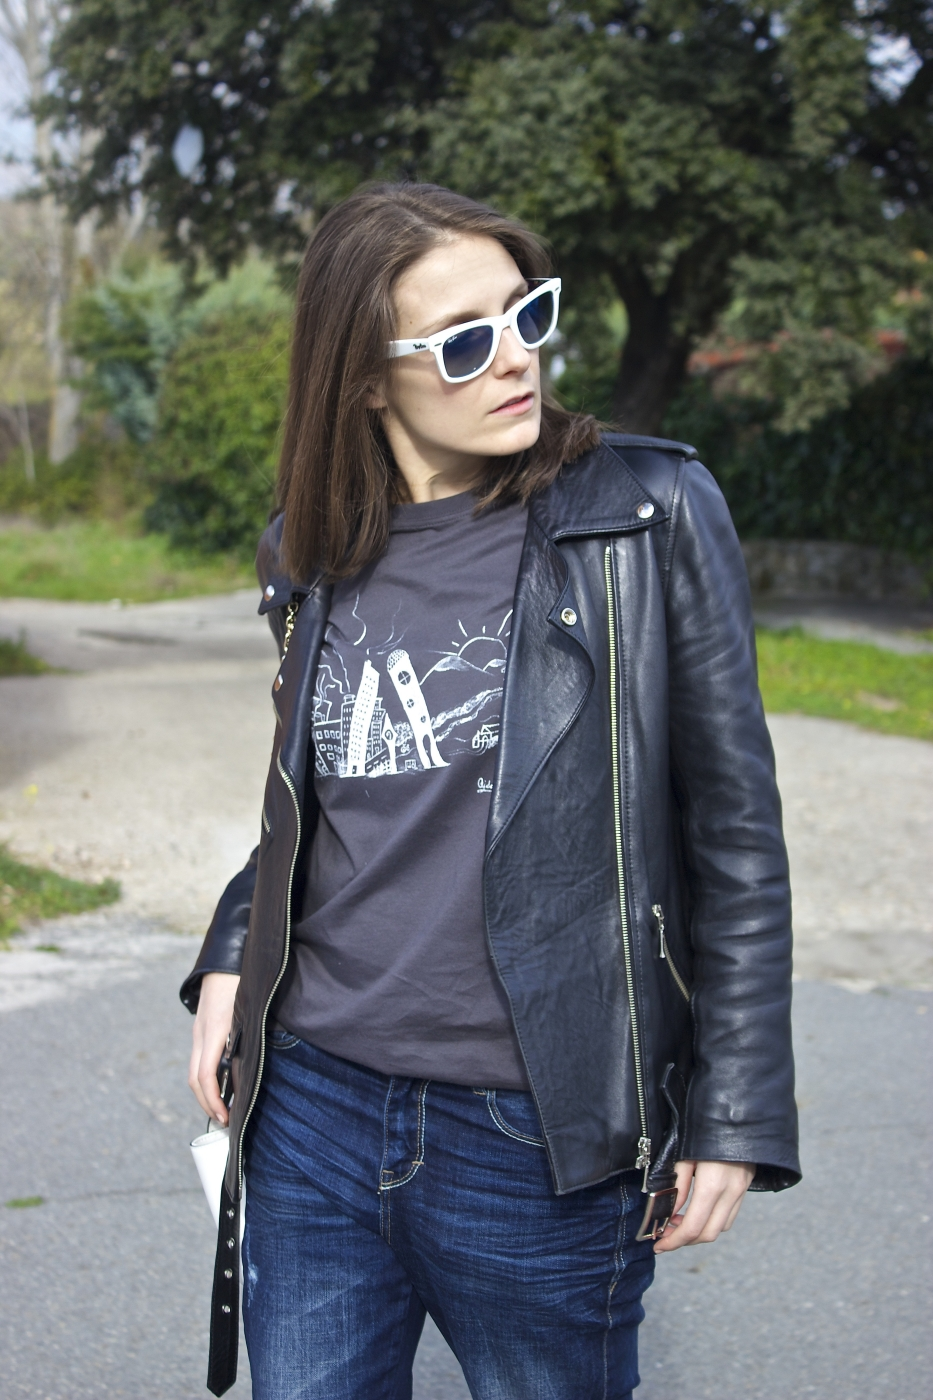 lara-vazquez-madlula-style-ootd-streetstyle-fashion-look